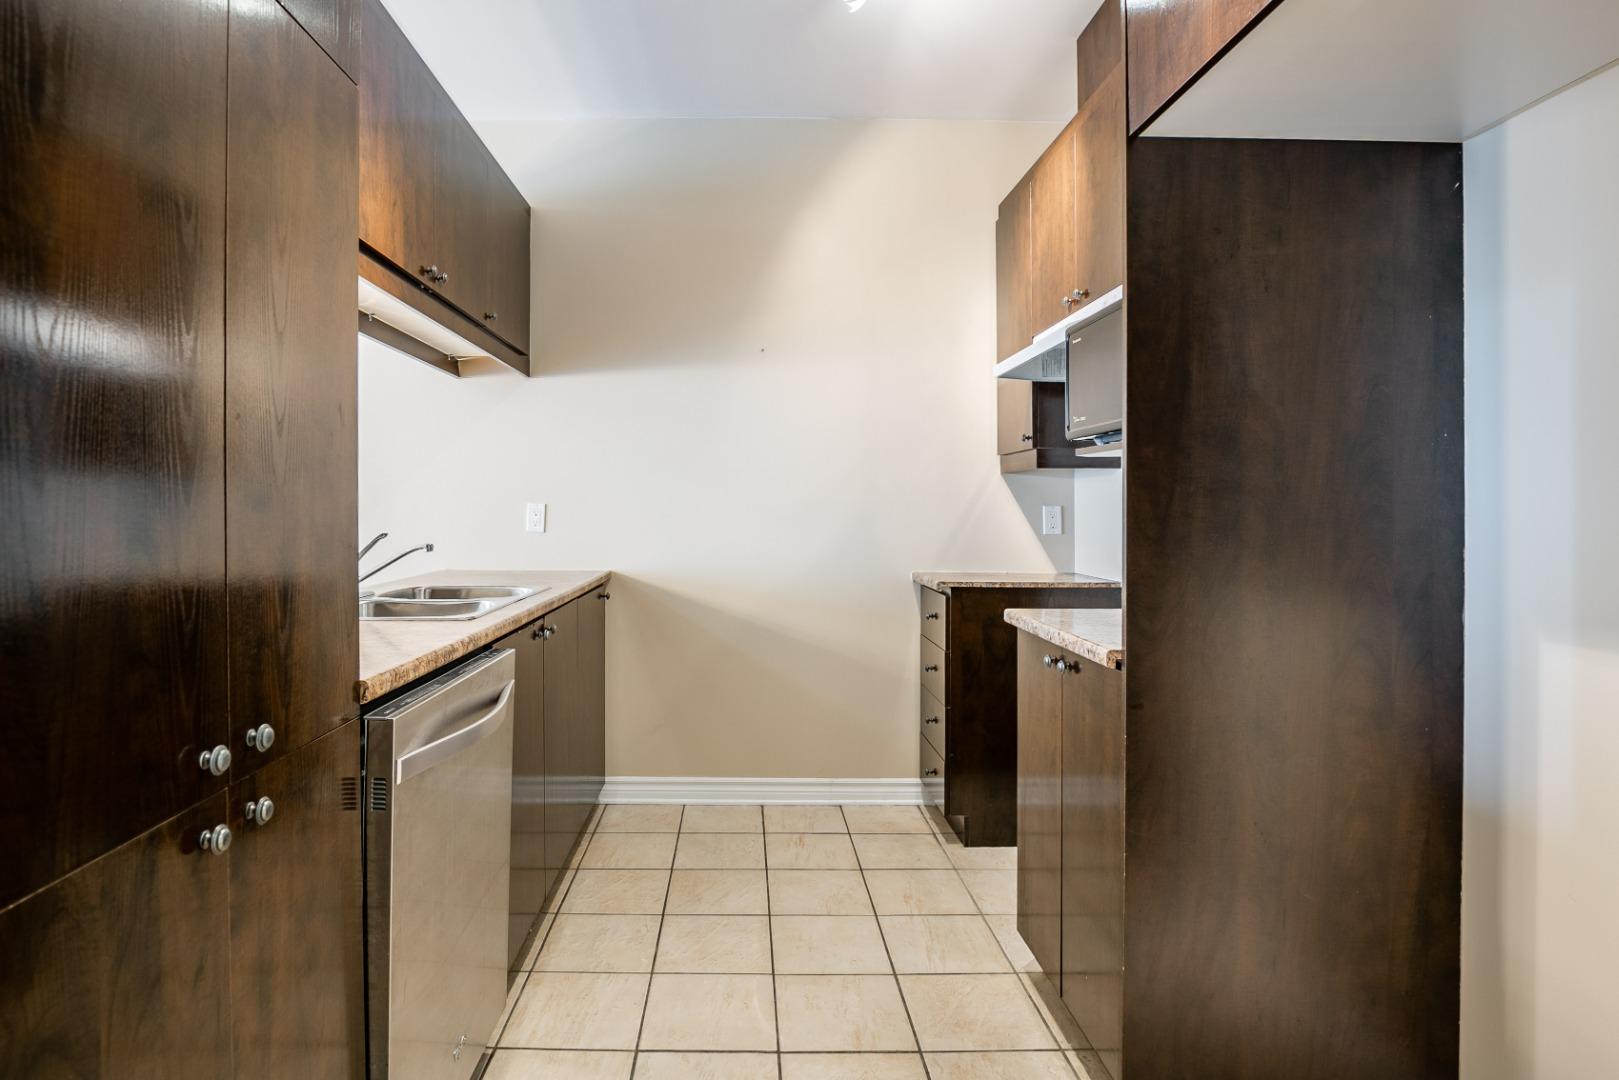 condo a vendre rosemont_montreal- 3860 rue masson_#3_AL-10.jpg